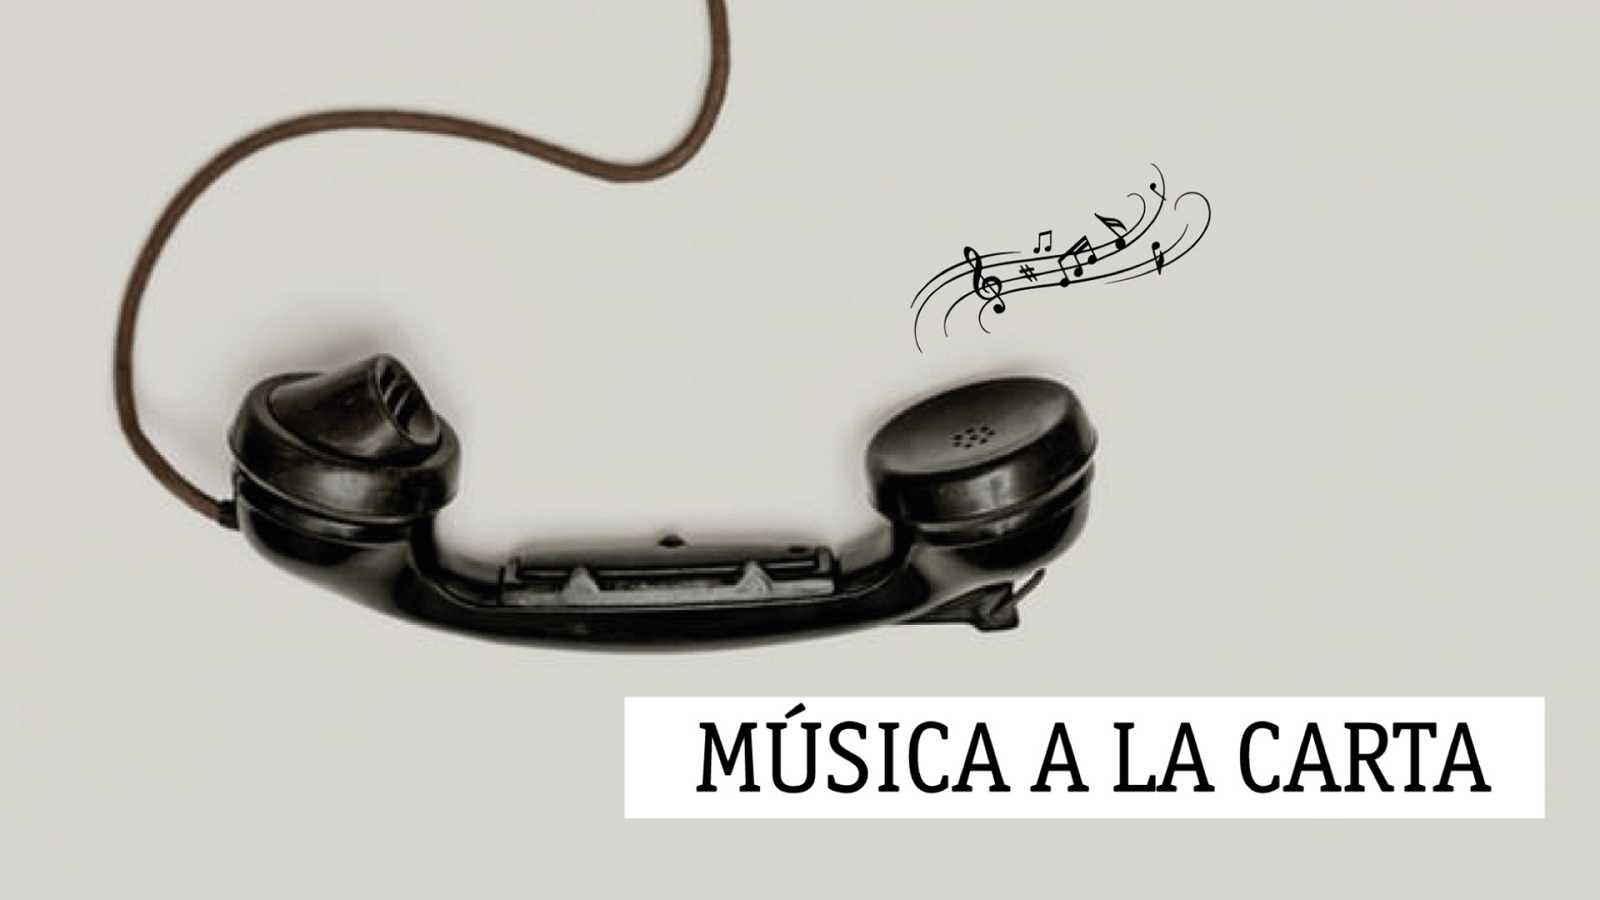 Música a la carta - 15/02/21 - escuchar ahora